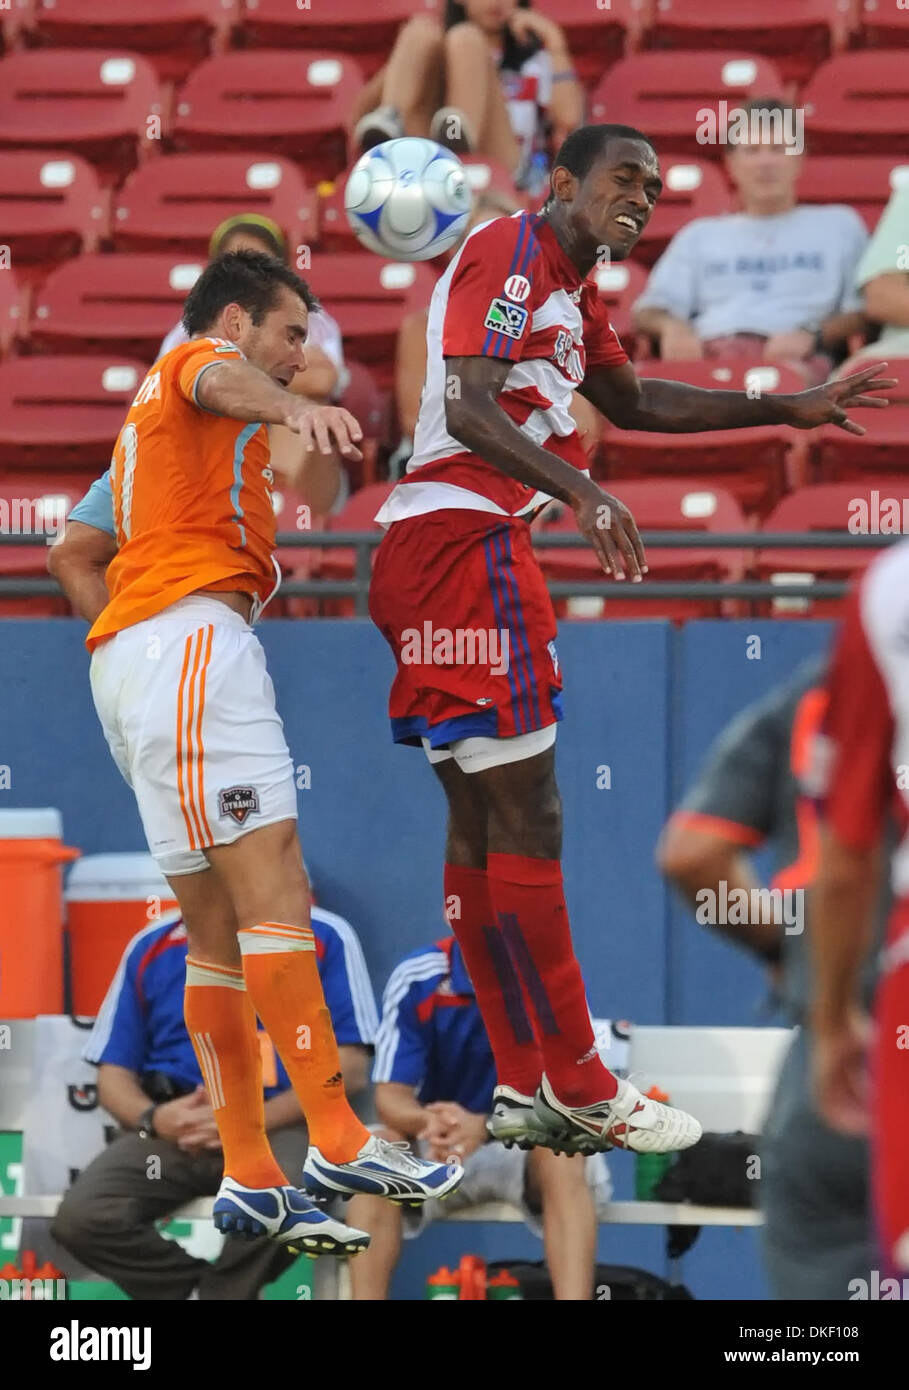 06 AUG 2009: FC Dallas Midfielder Atiba Harris wins the ball over Dynamo Brian Ching as FC Dallas wins 1-0. (Credit - Stock Image